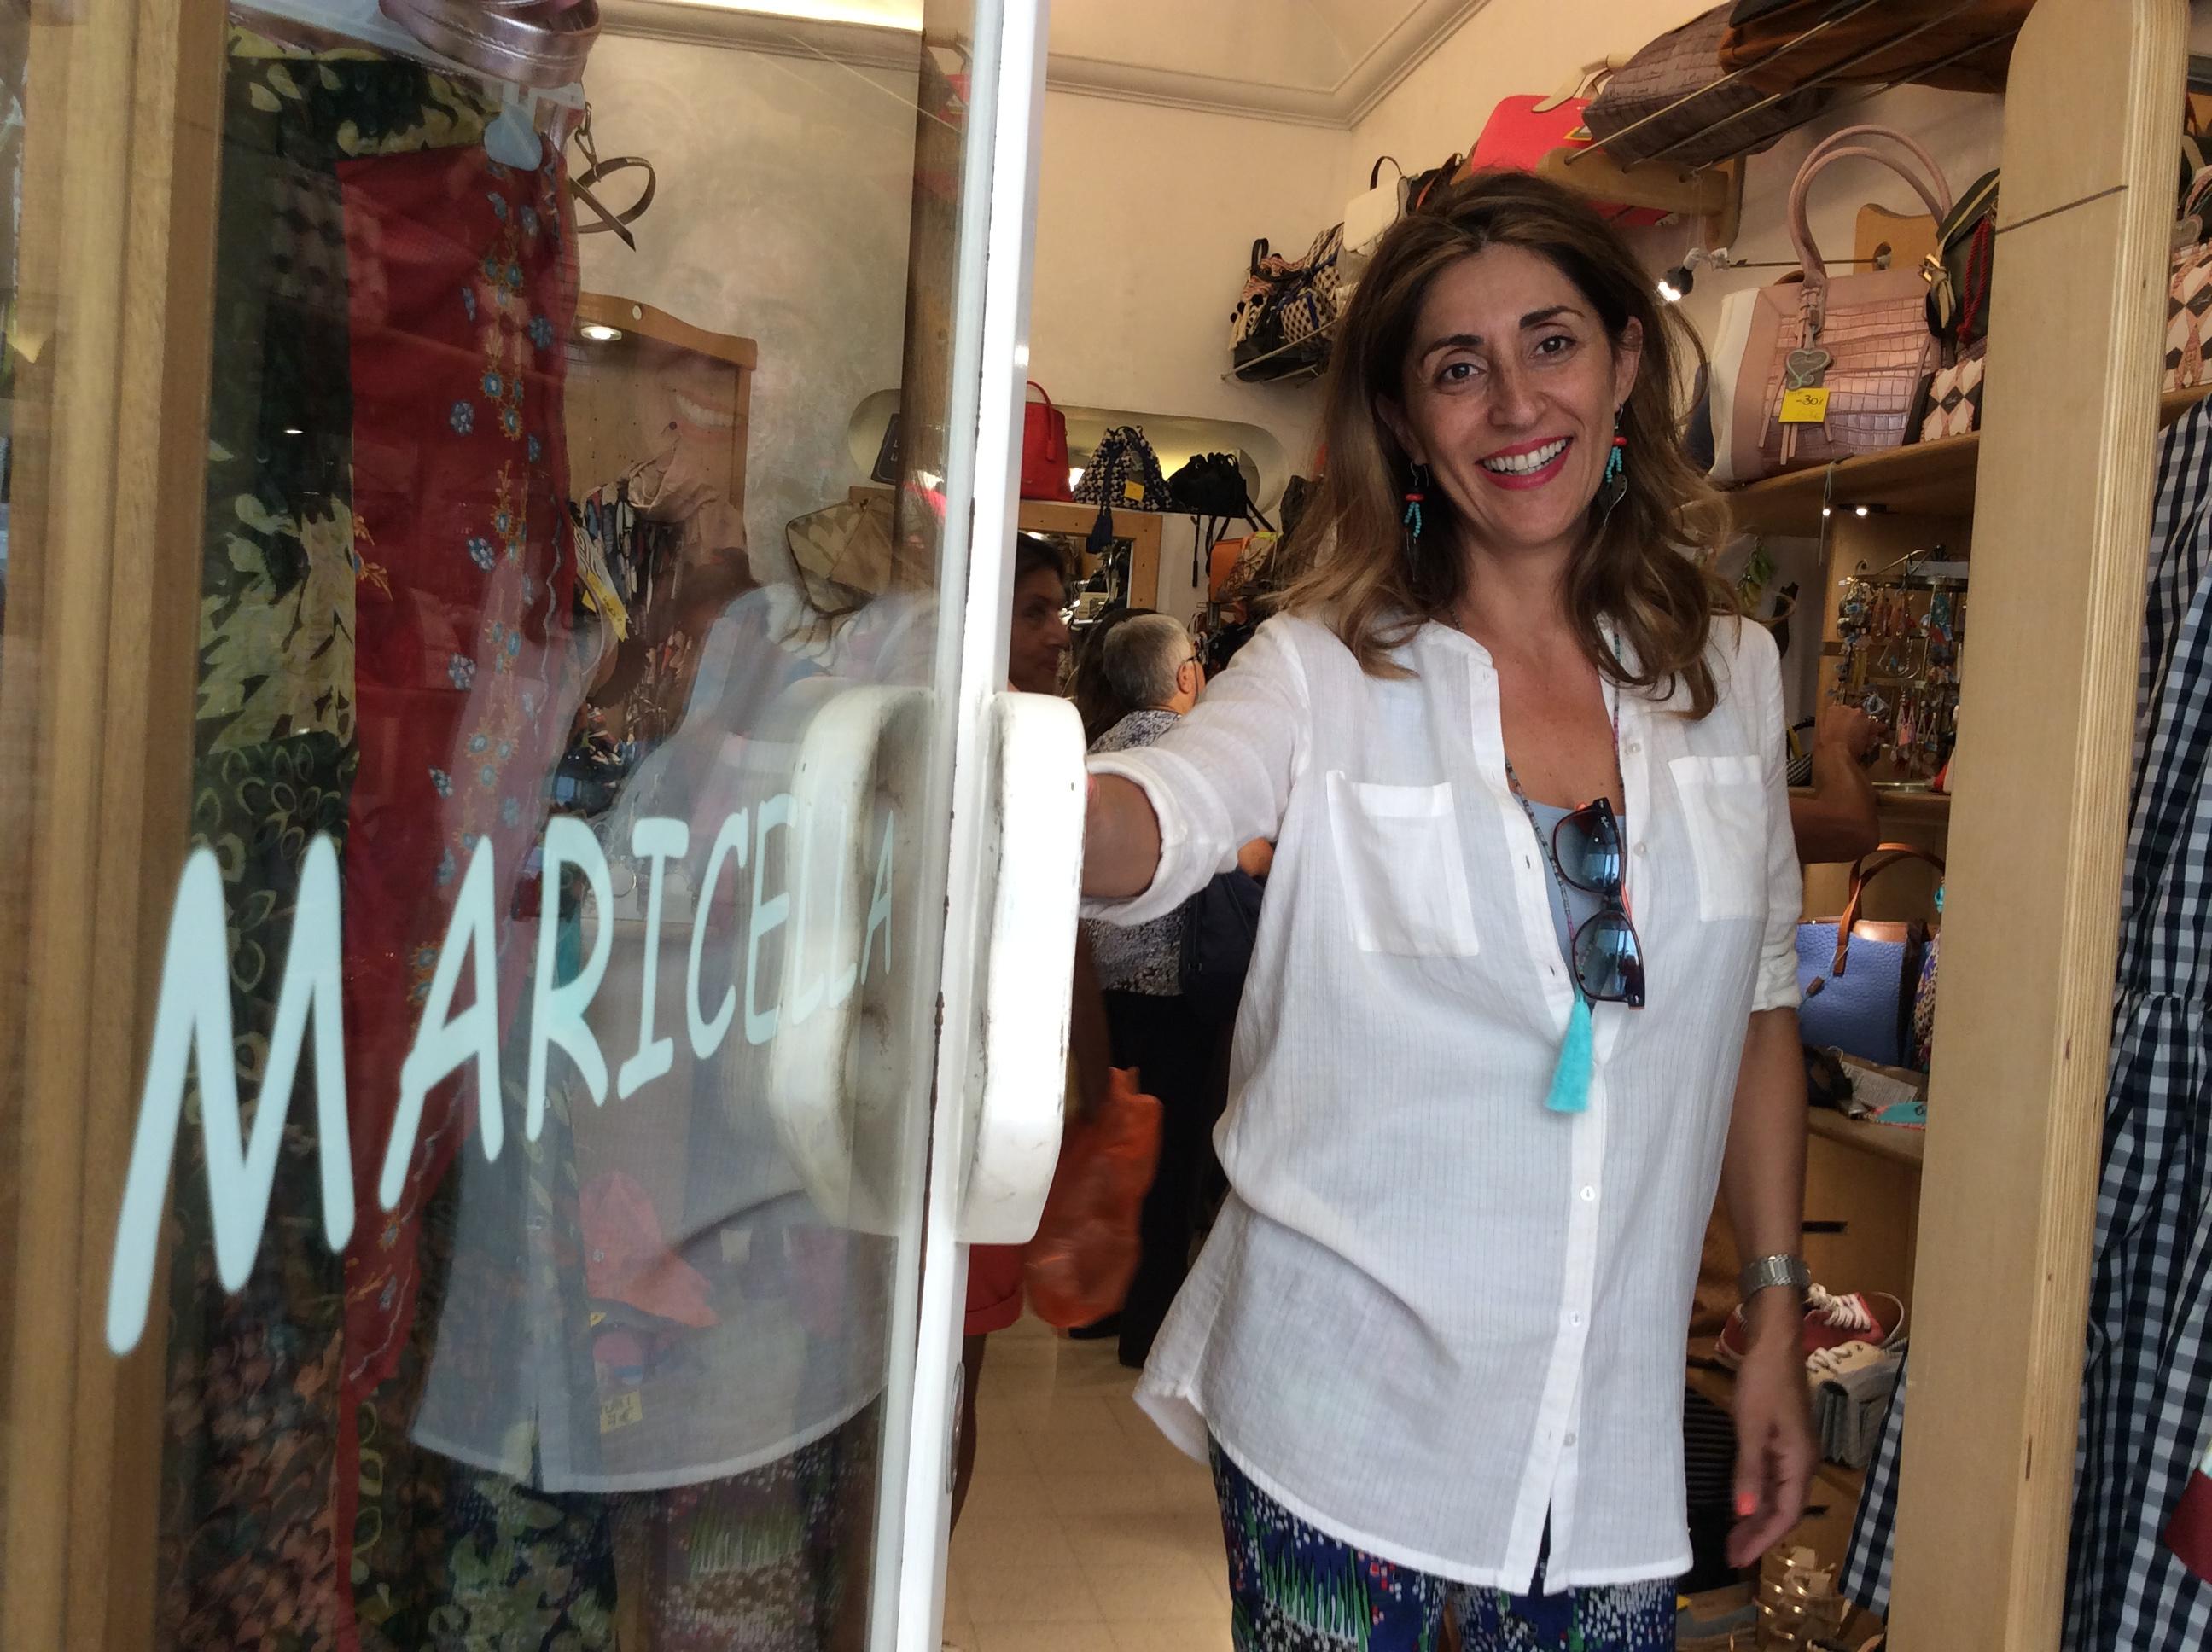 MARICELLA SHOP